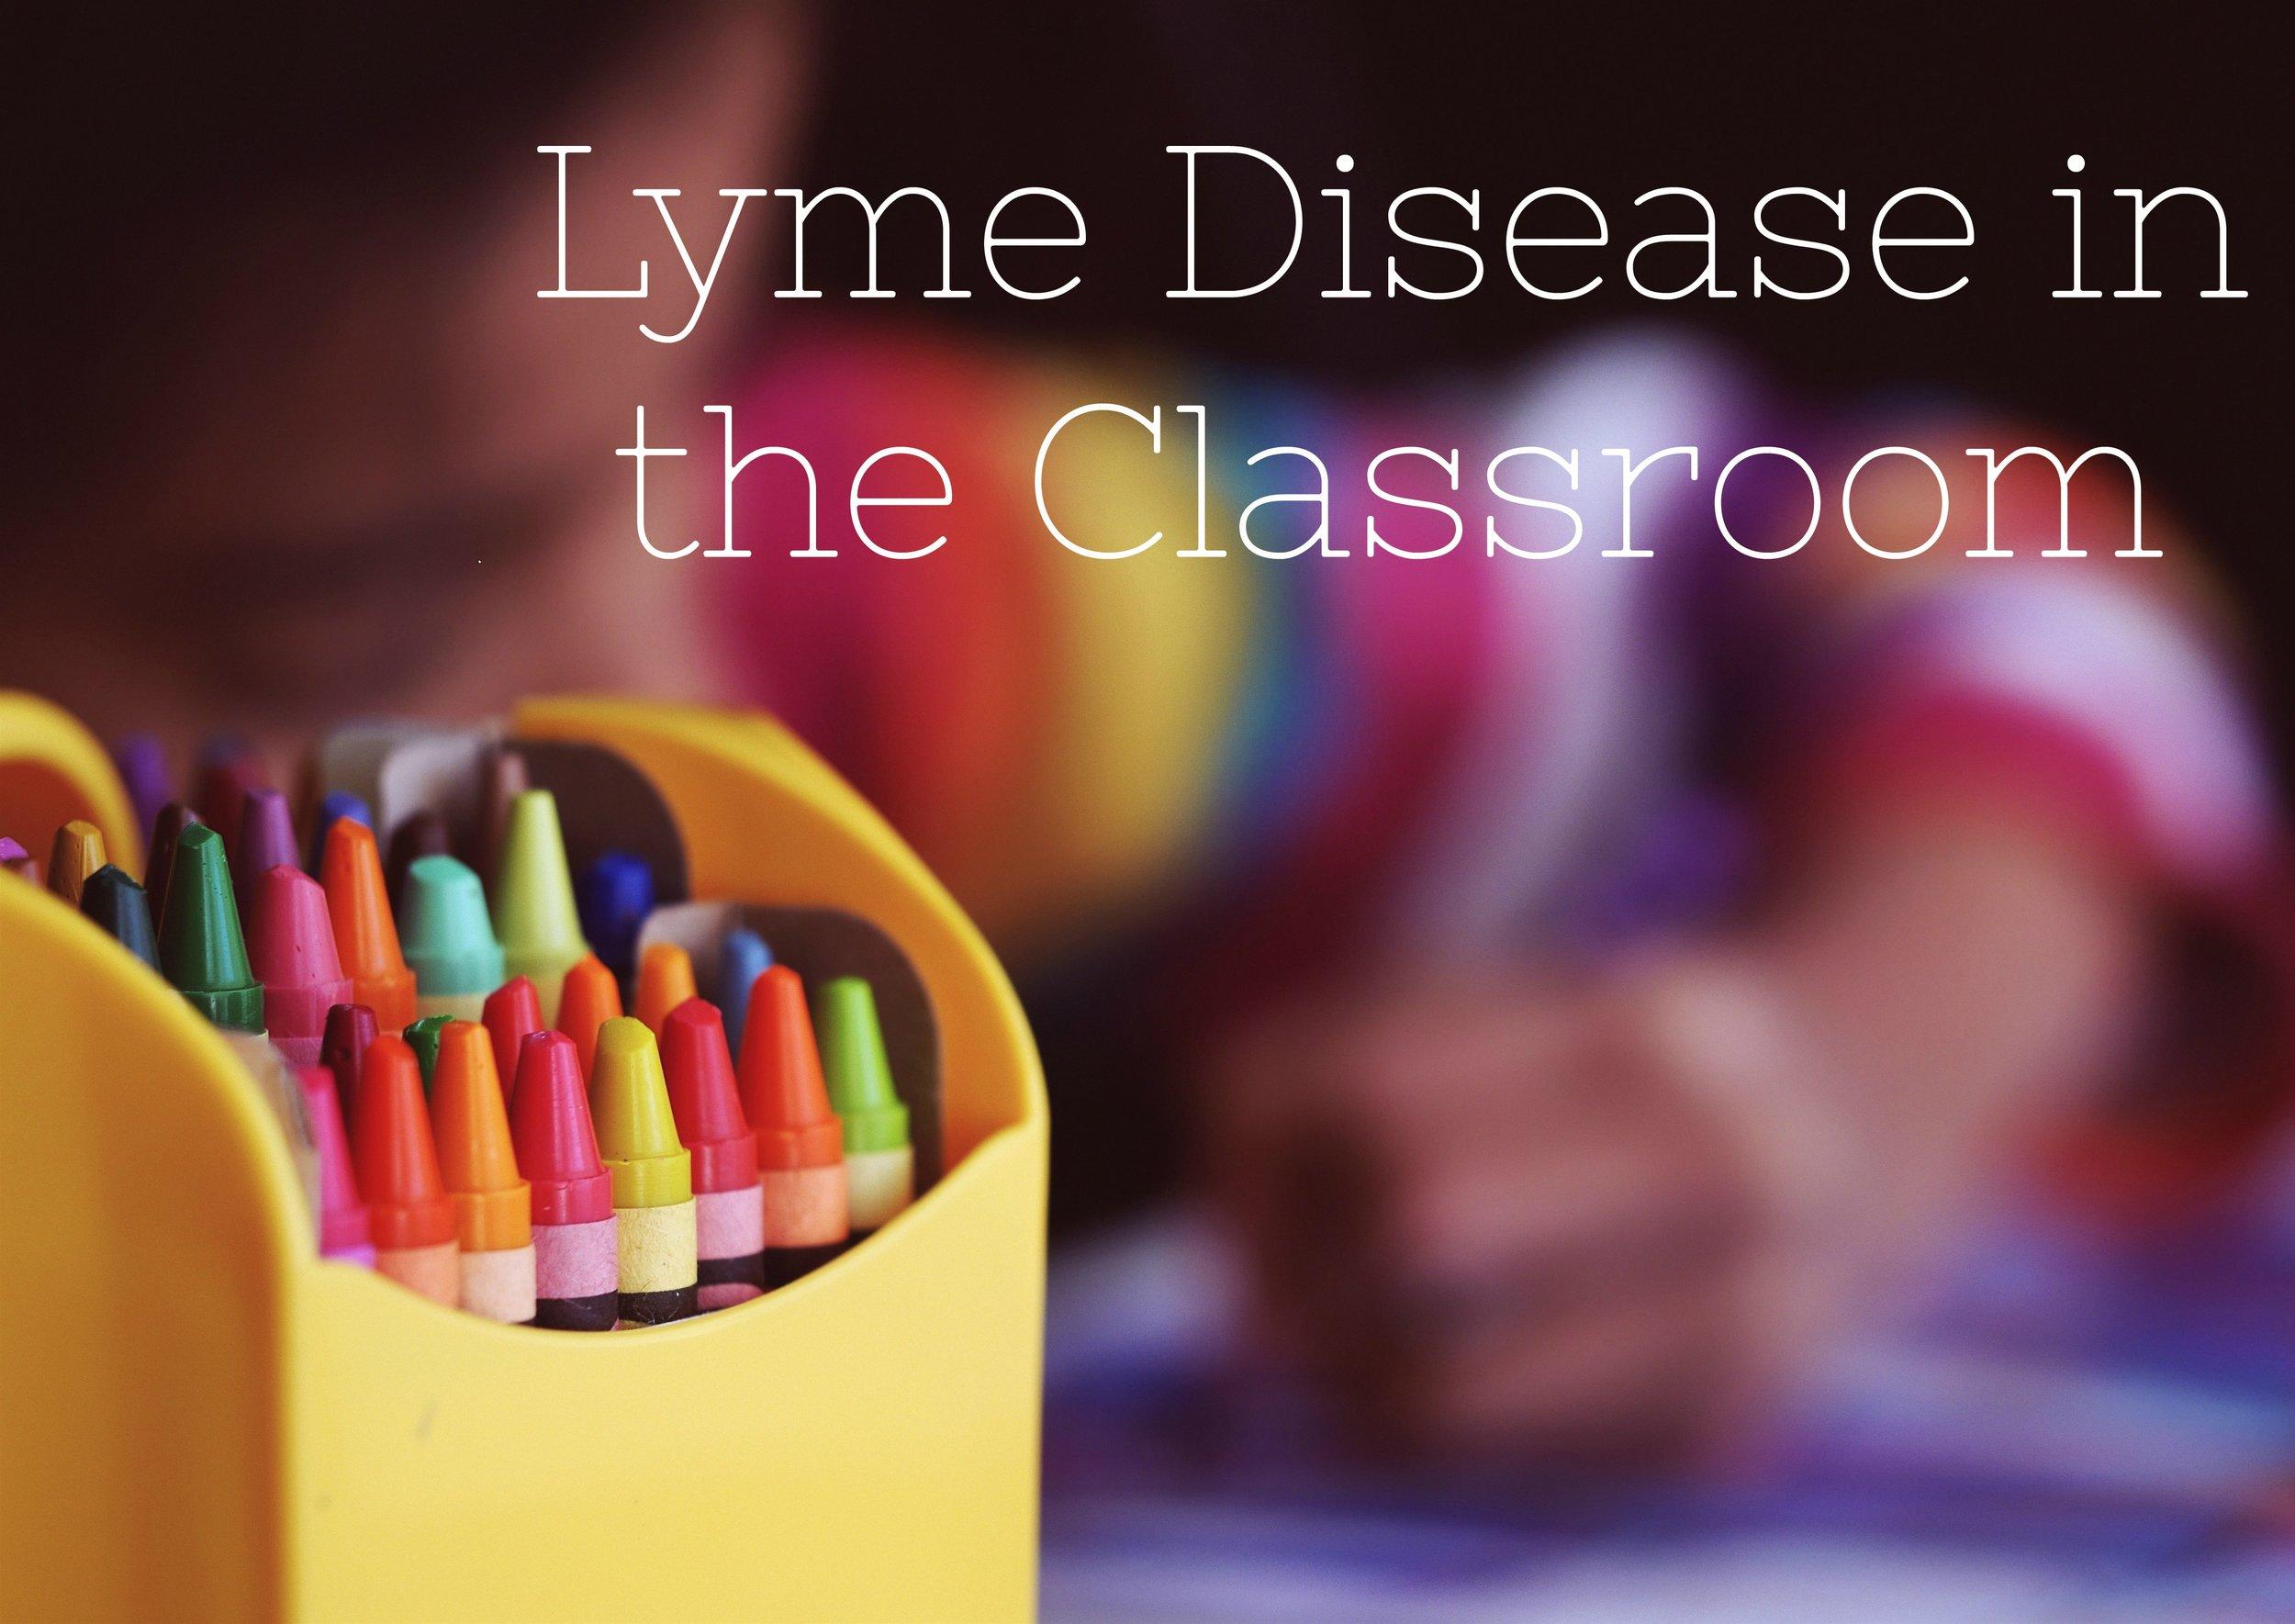 Lyme Disease  in the Classroom.jpg